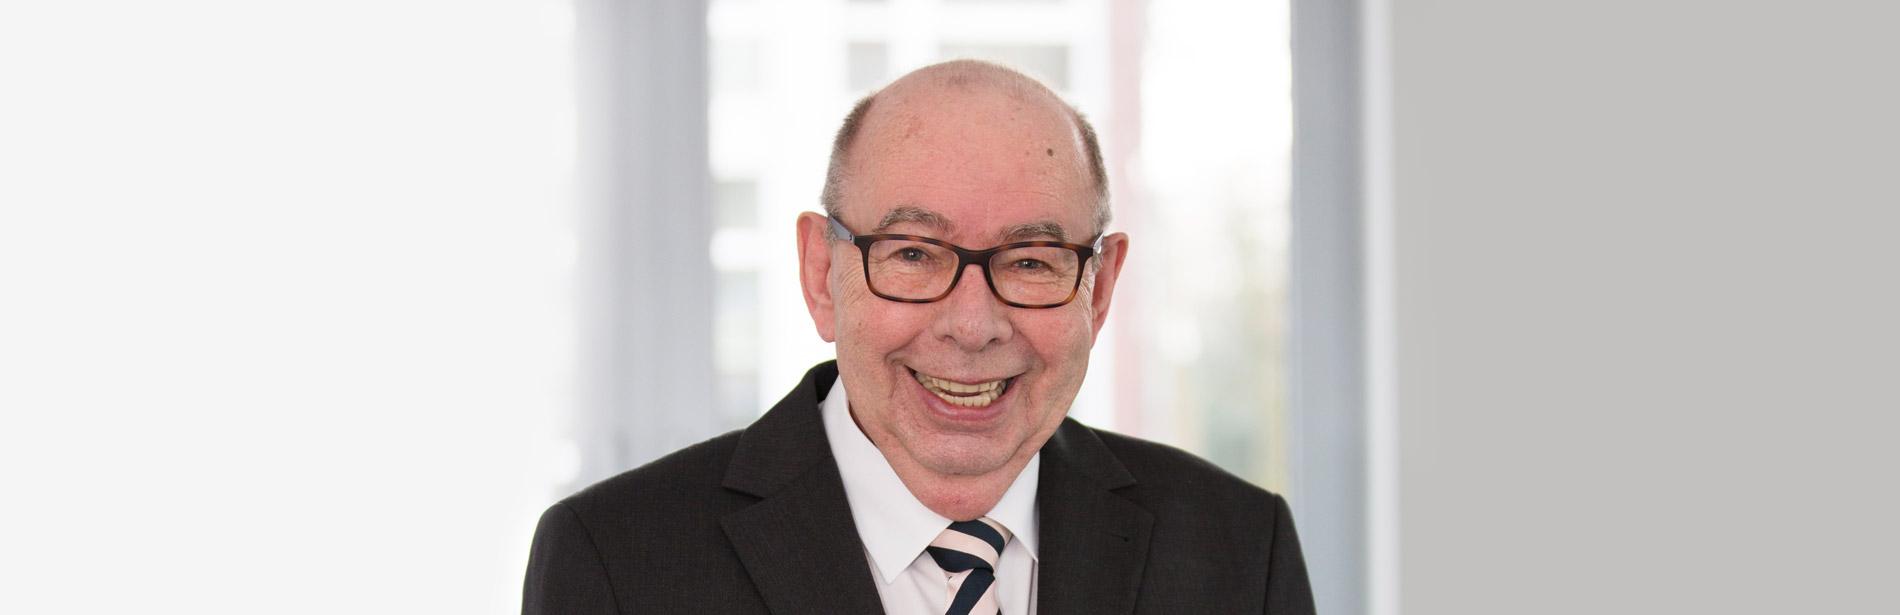 Norbert Kassen